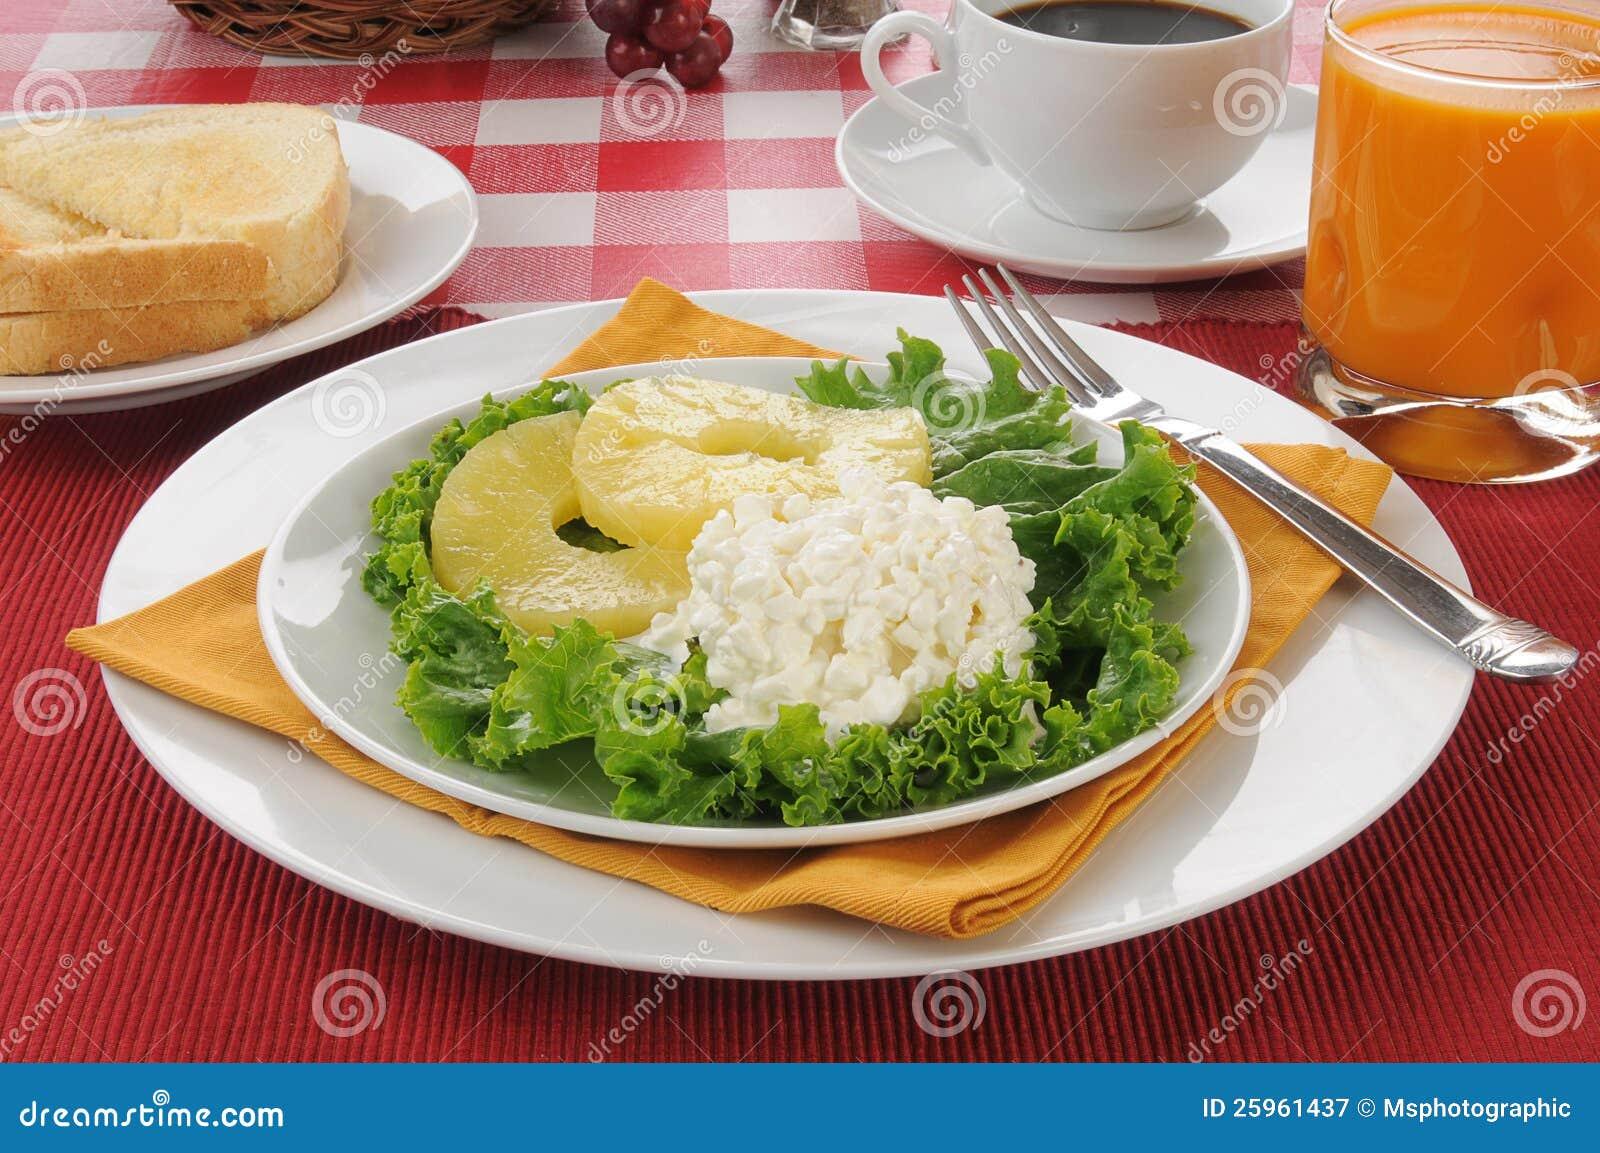 Healthy Low Calorie Diet Breakfast Stock Image